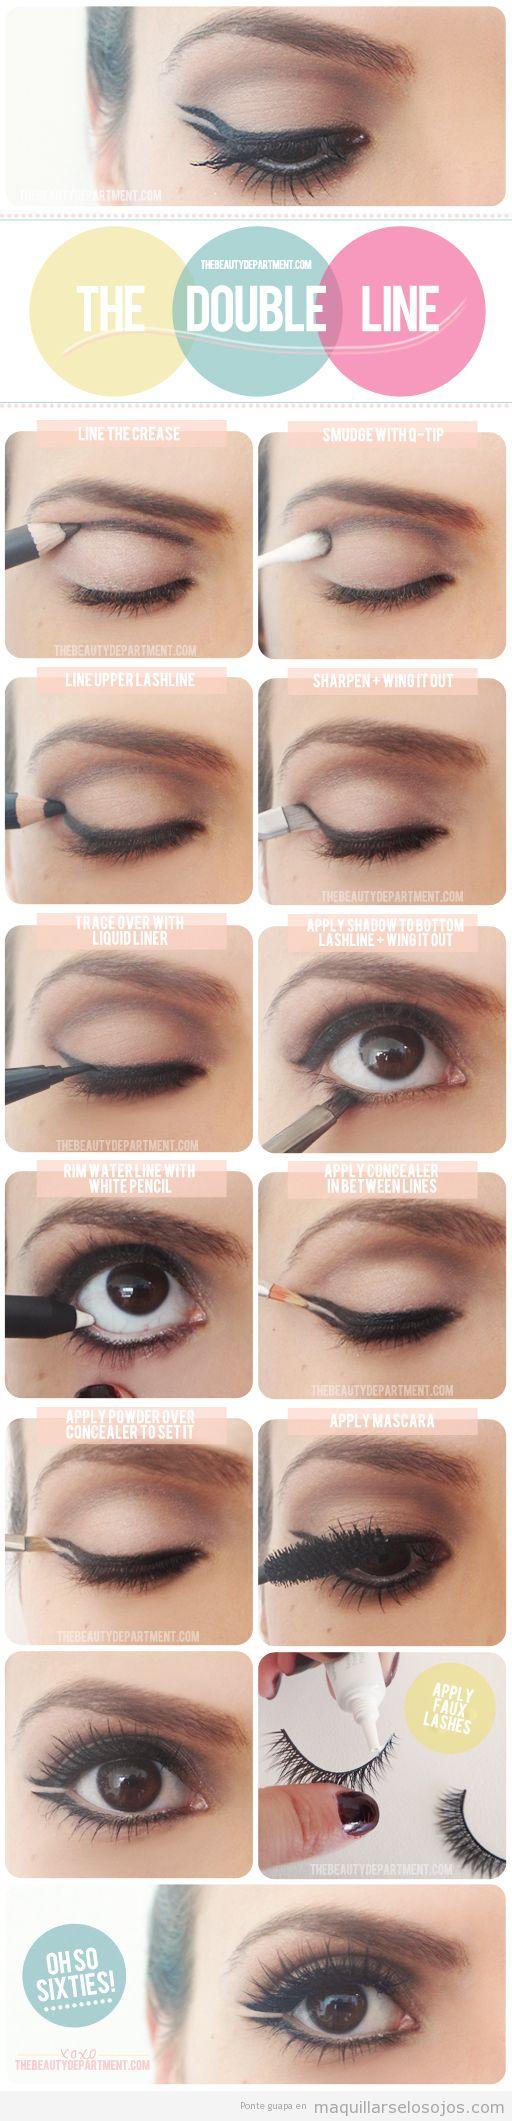 Tutorial con fotos para aprender cómo dibujar una línea doble de ojos con eyeliner